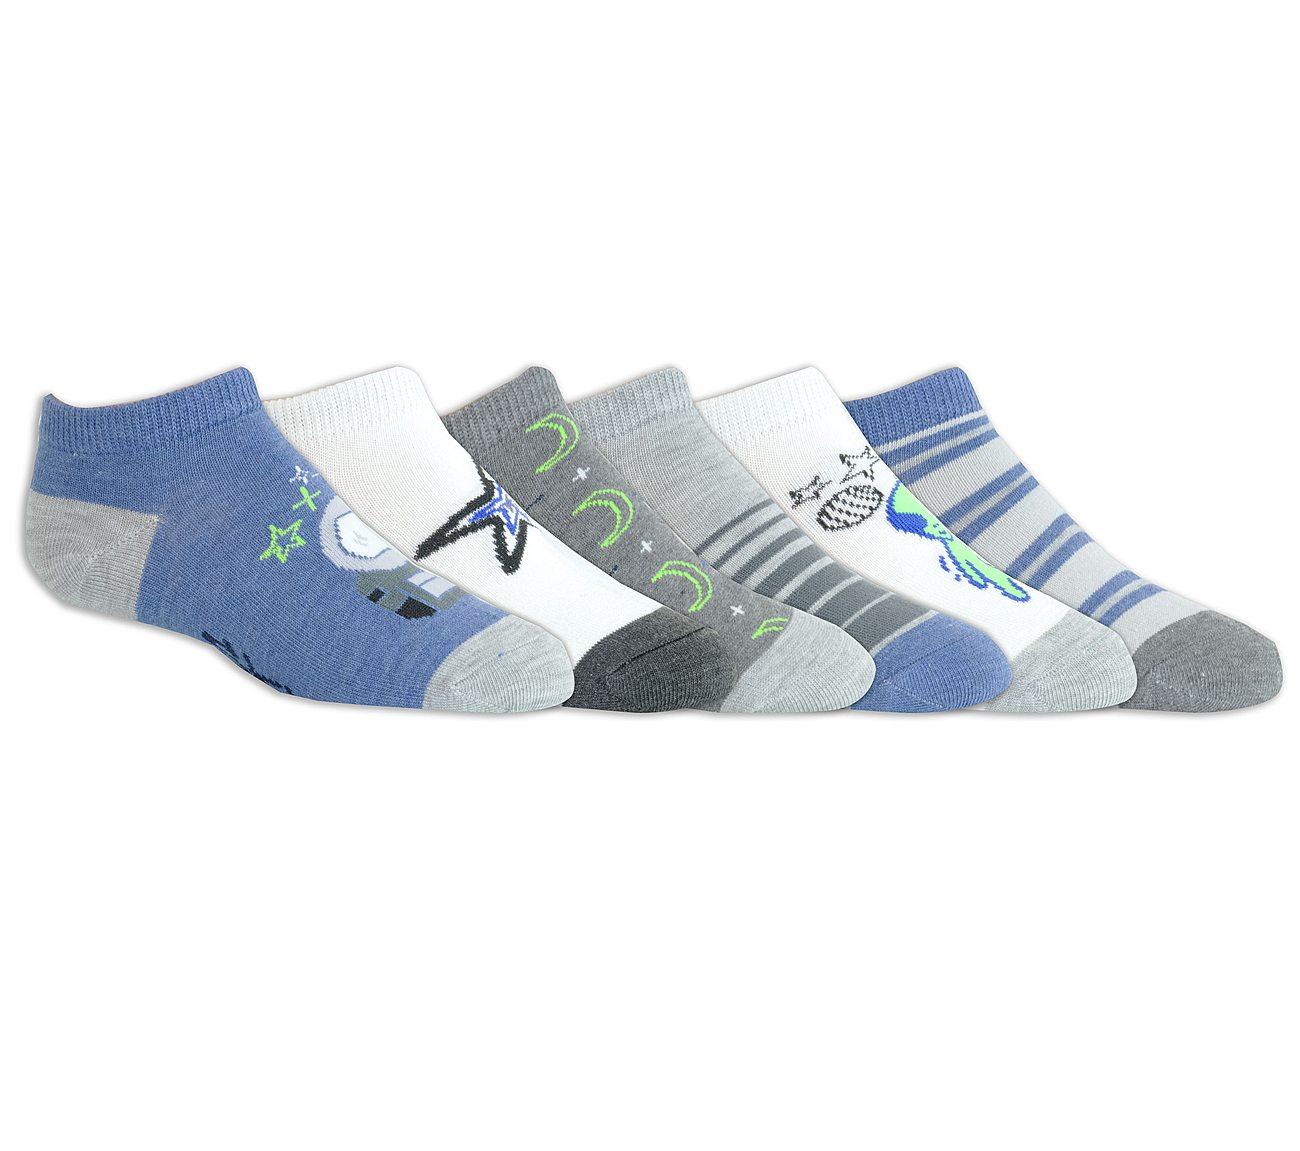 6 Pack Kids' Space Low Cut Socks